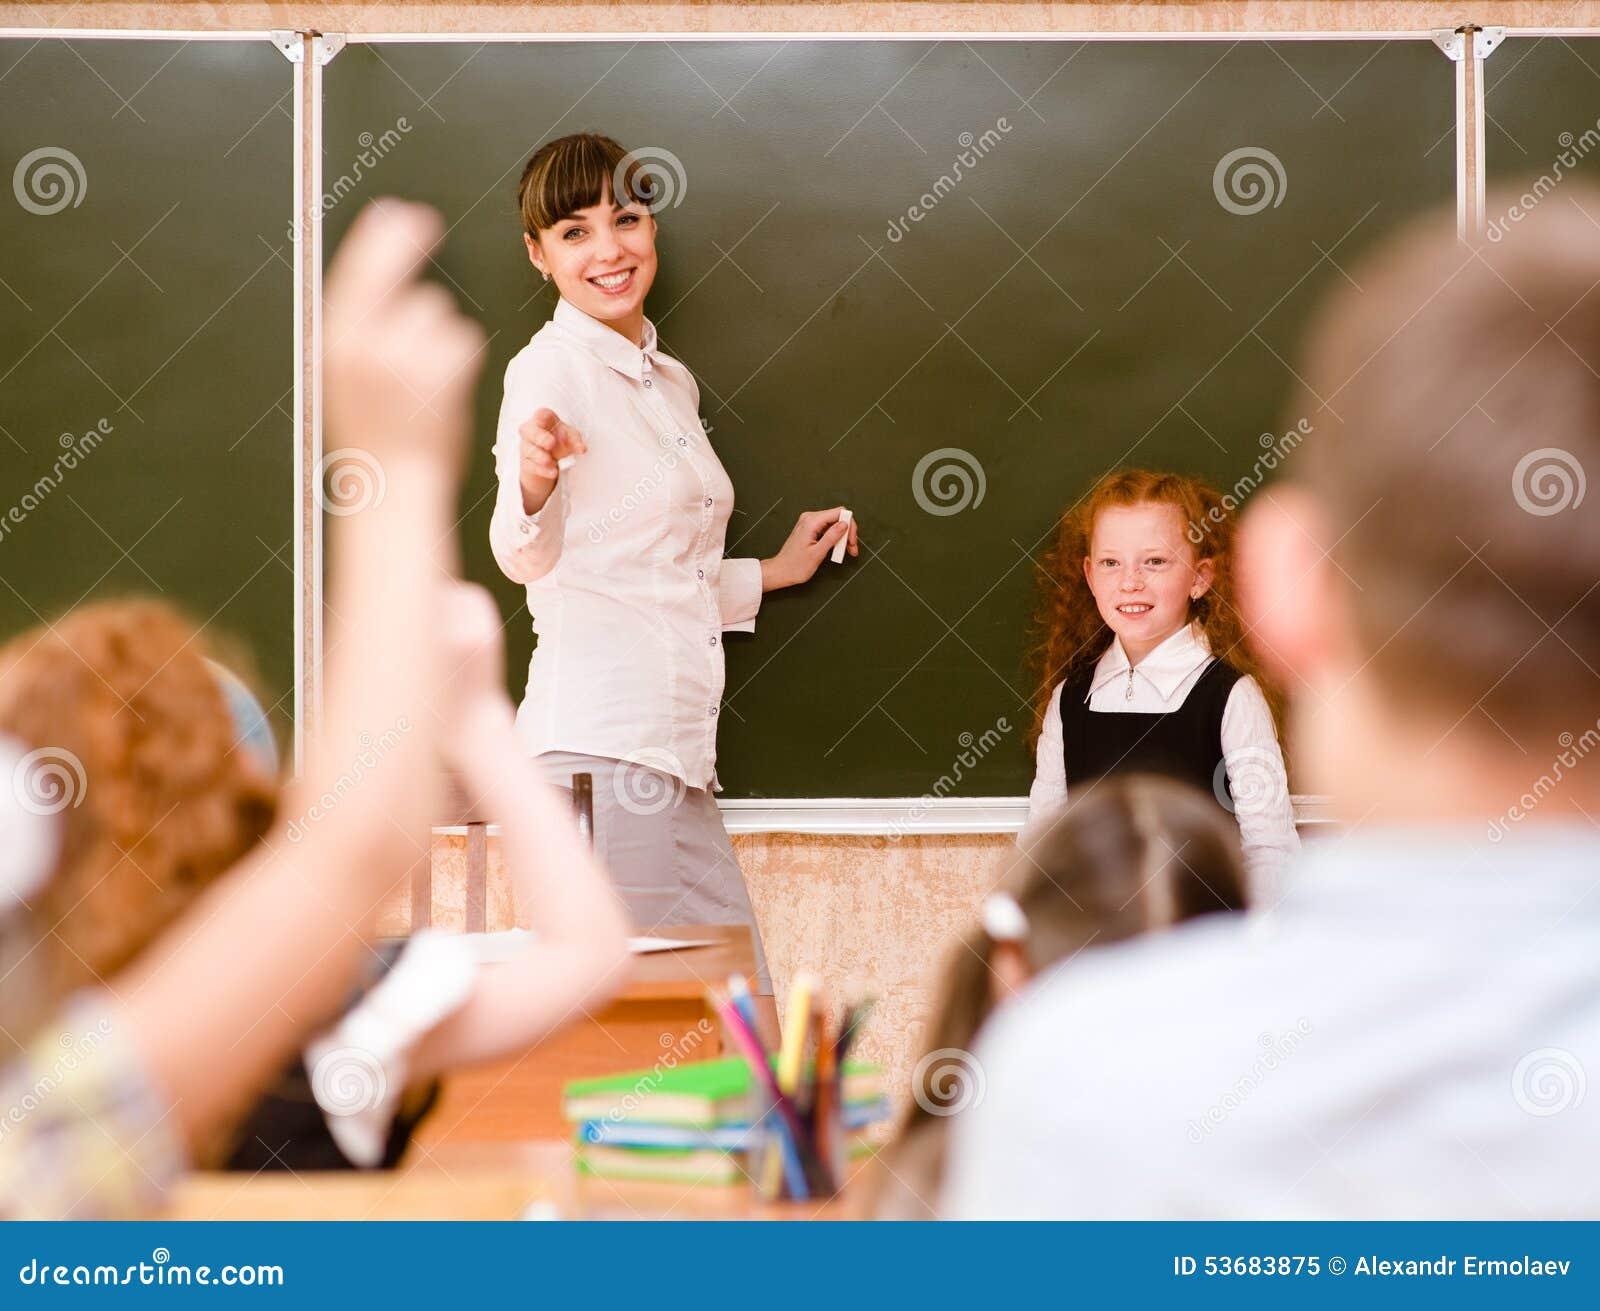 举手的孩子认识答复对问题